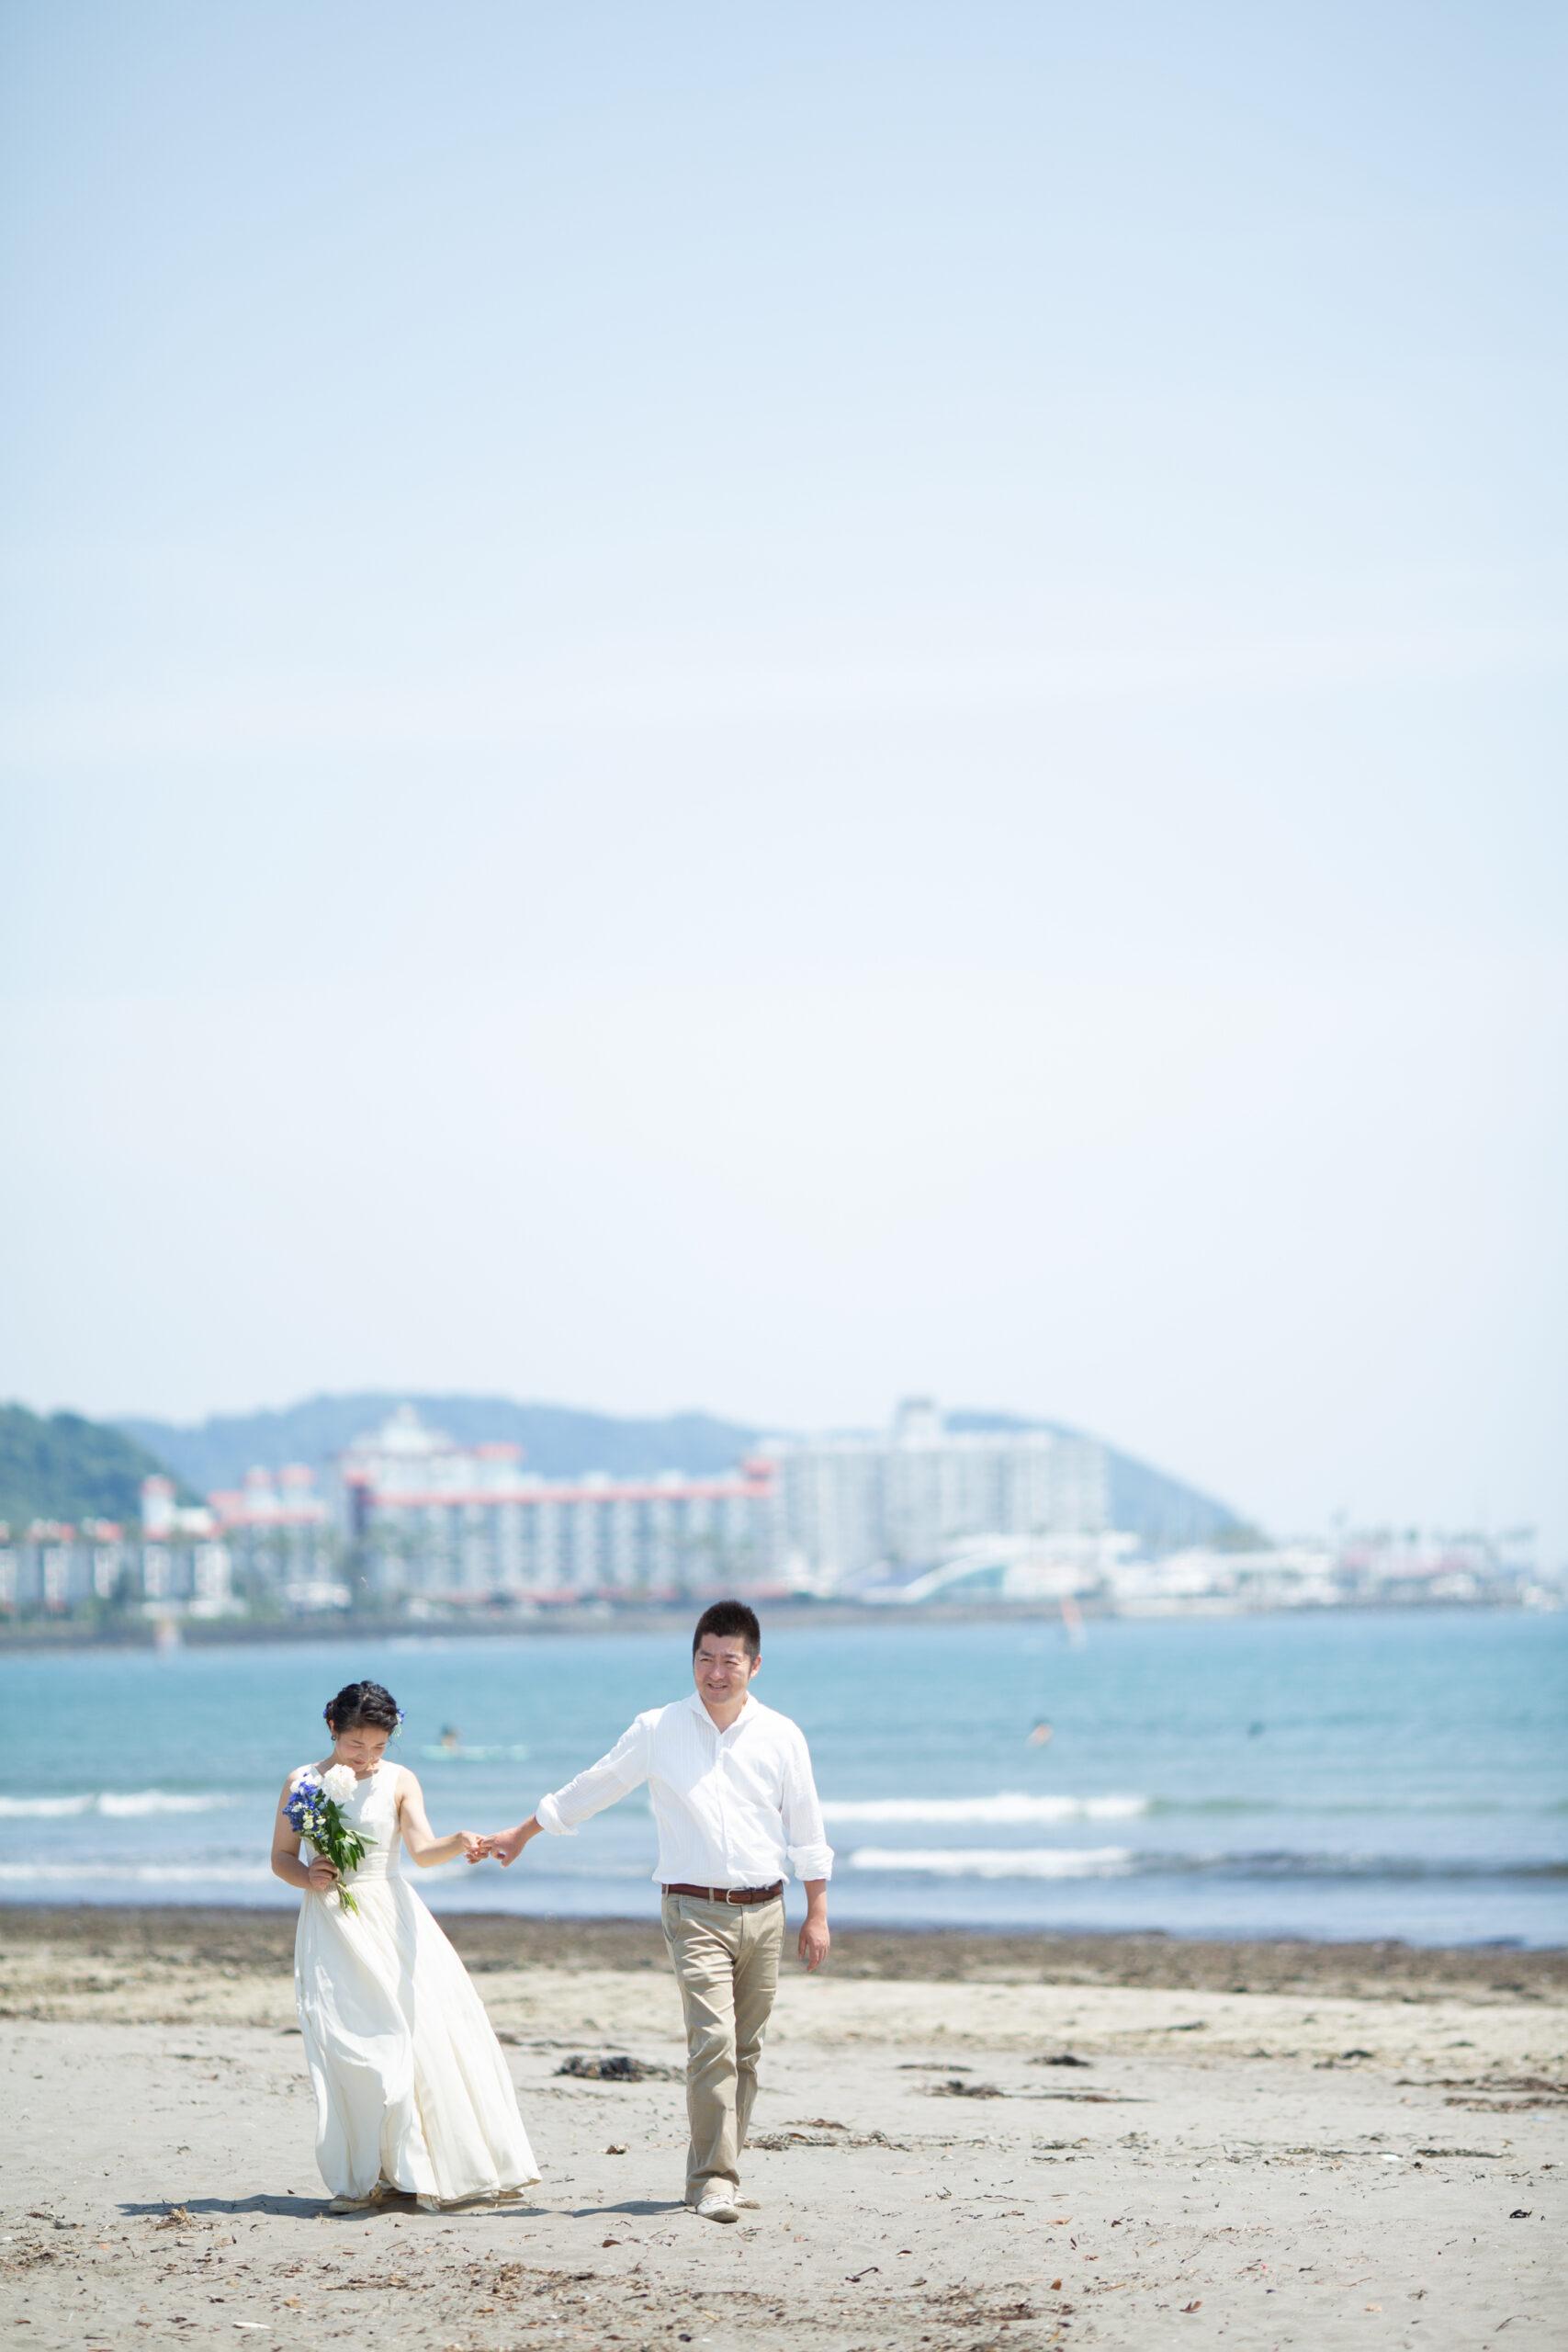 爽やかな海と緑とお庭と-M16